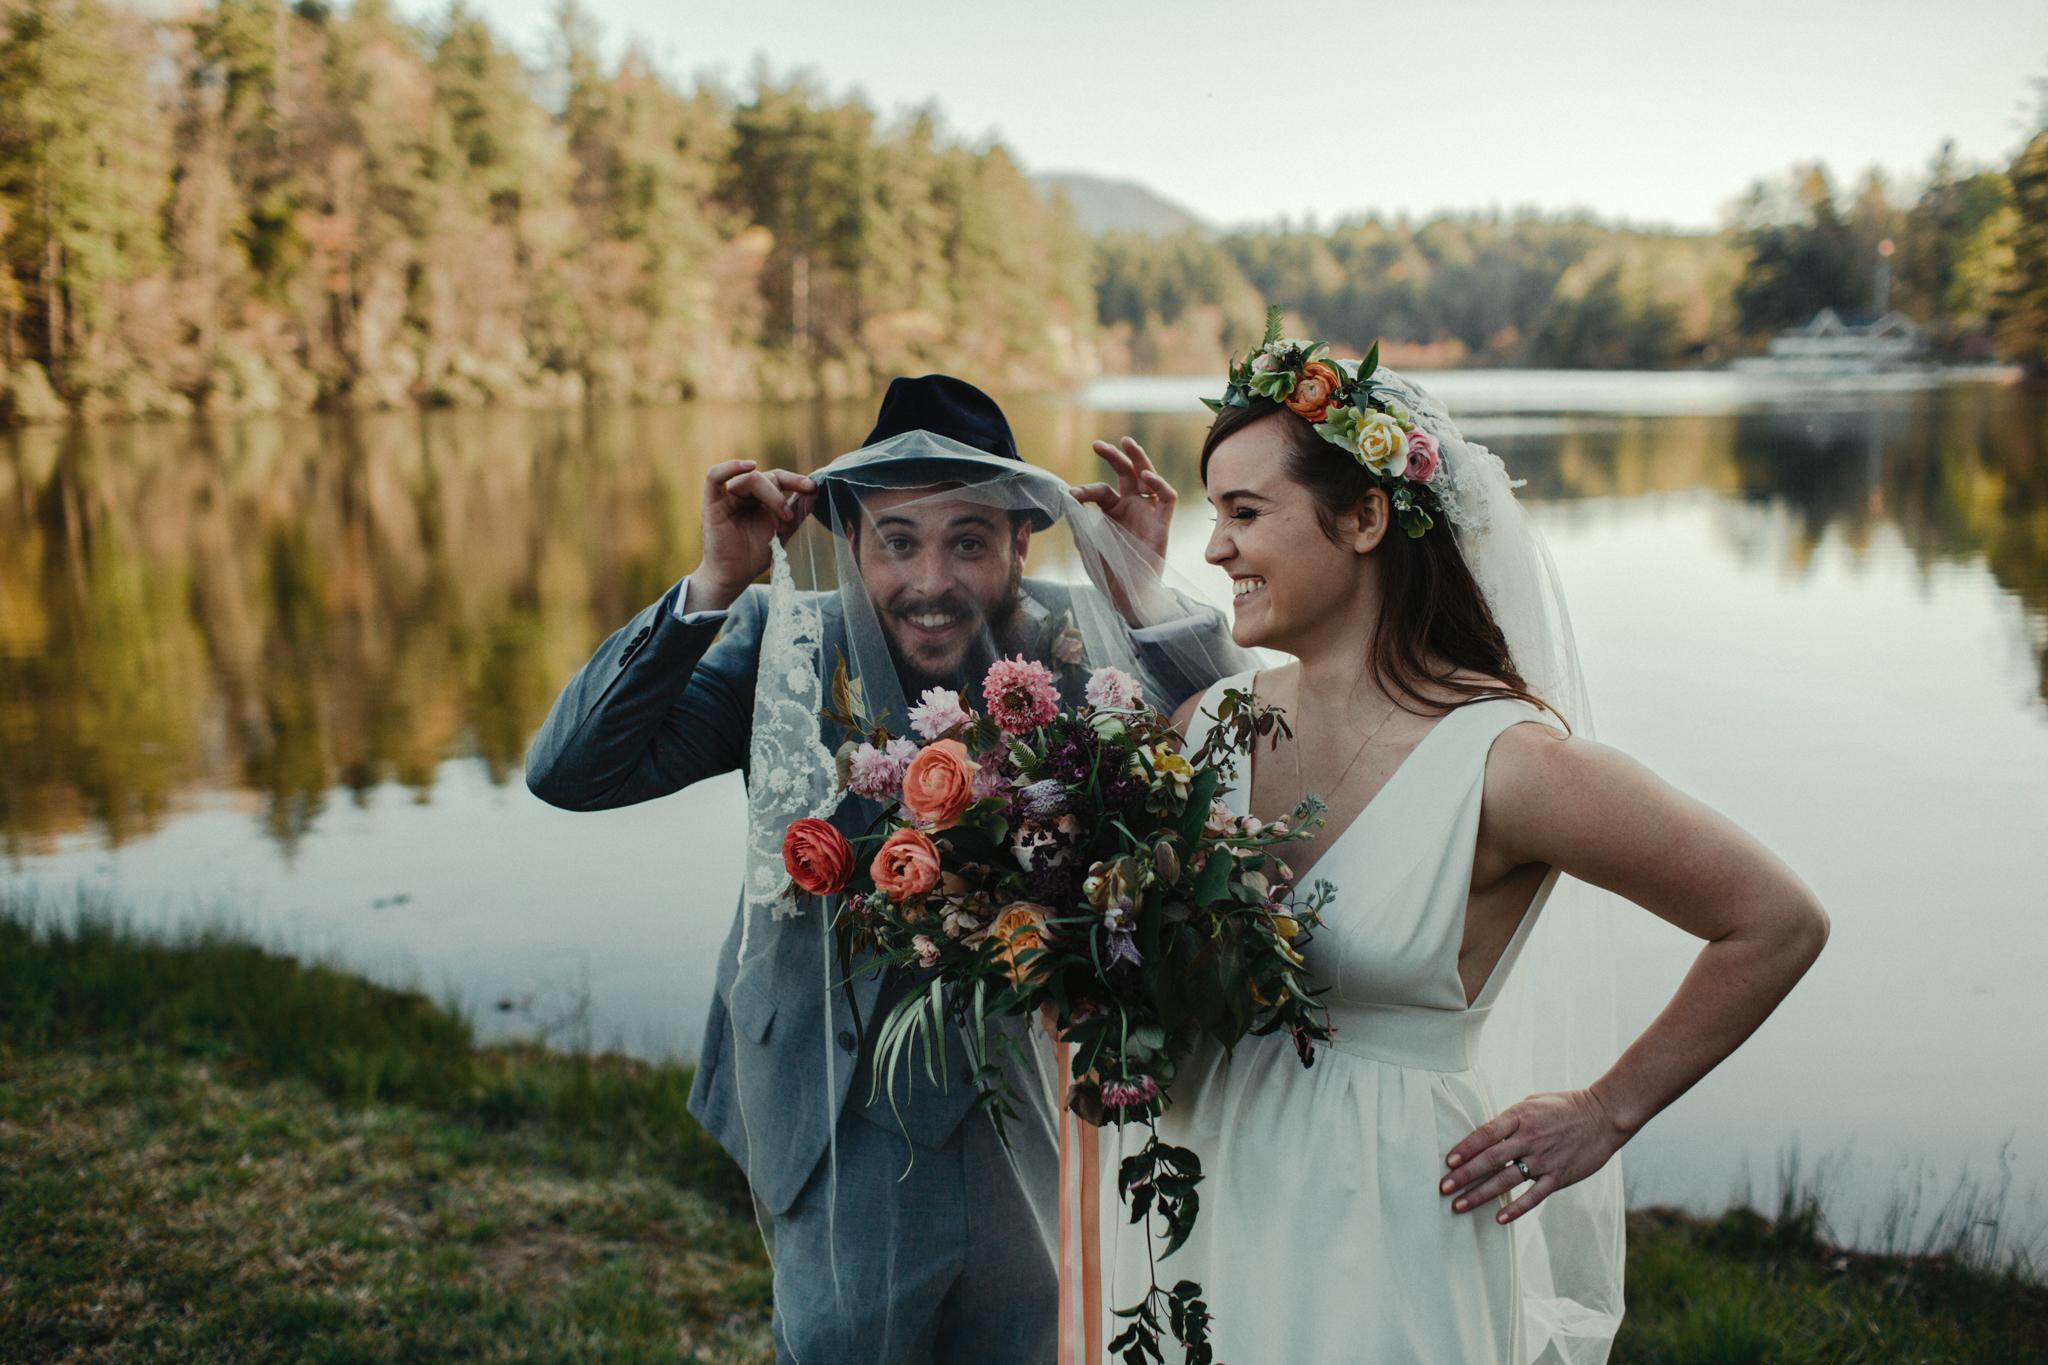 macon-luke-kanuga-wedding-web-resize-495.jpg